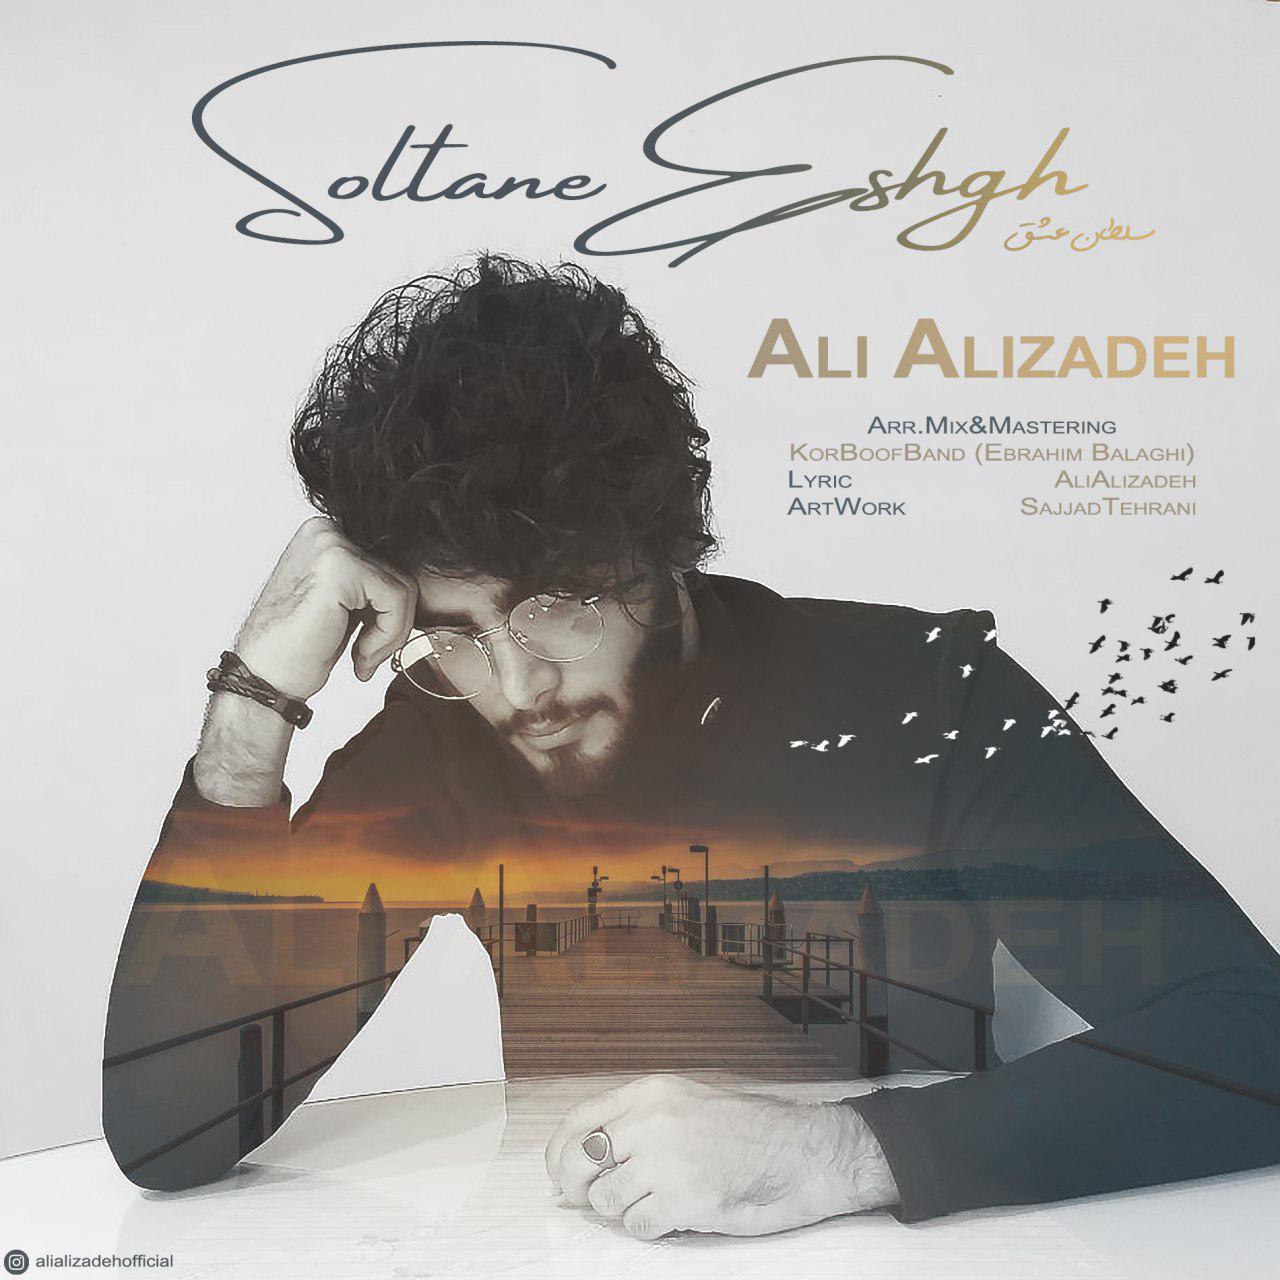 دانلود دکلمه غمگین علی علیزاده سلطان عشق Ali Alizadeh Soltane Eshgh